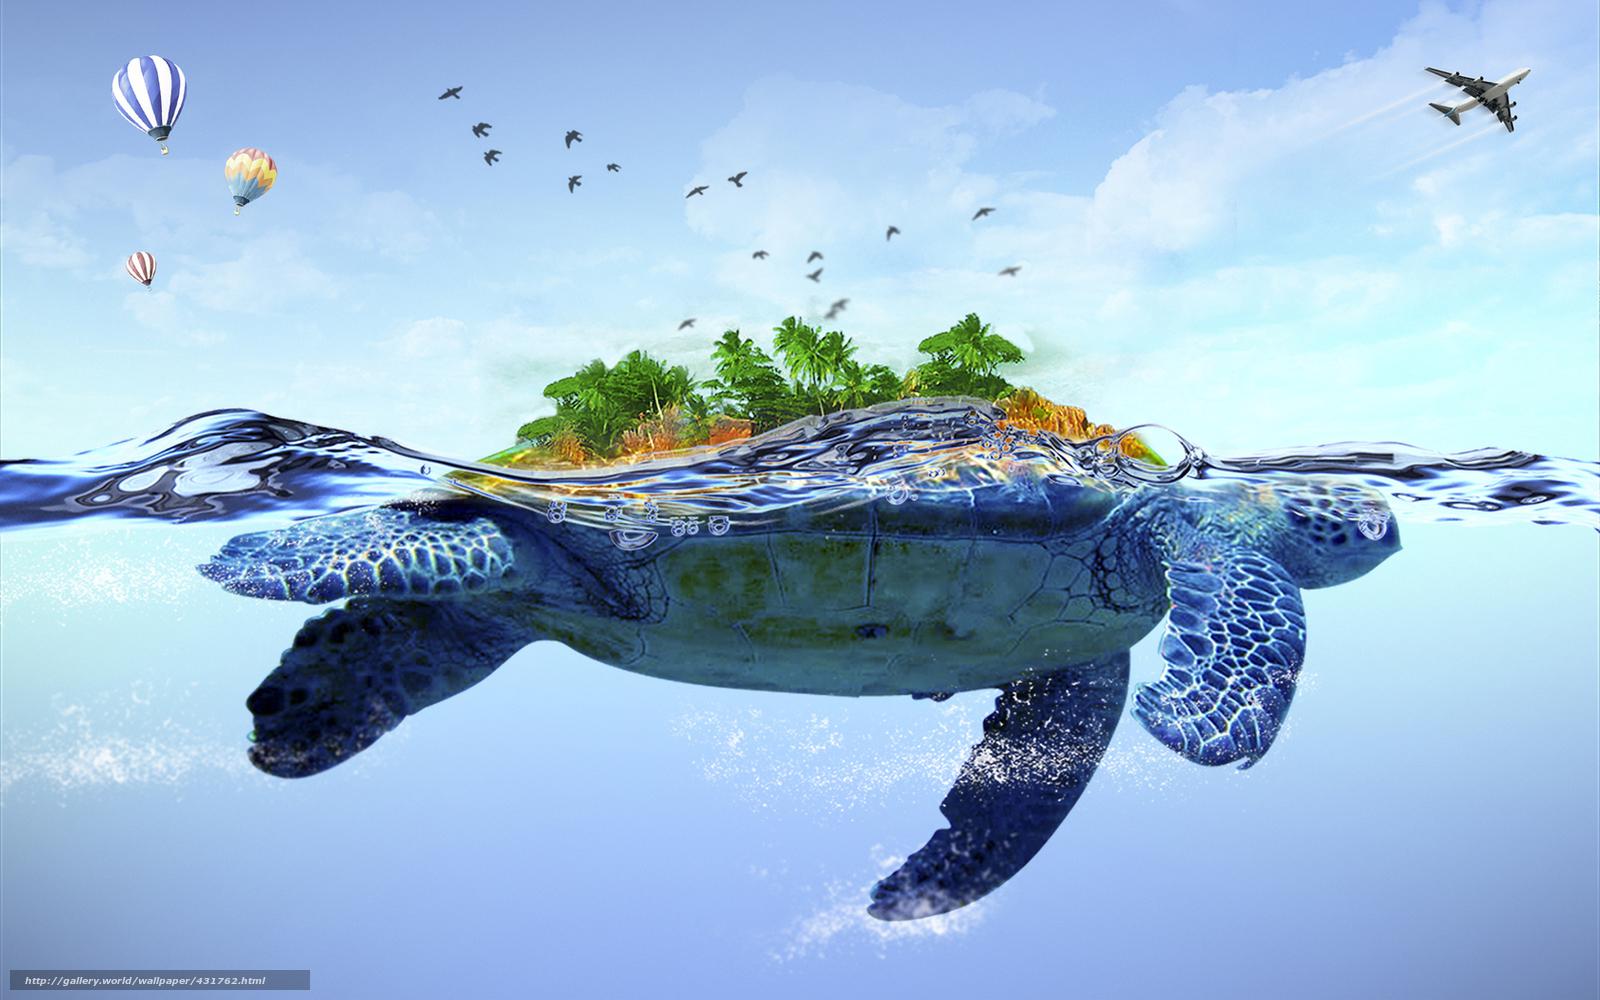 Download wallpaper sea turtle back island desktop wallpaper in 1600x1000